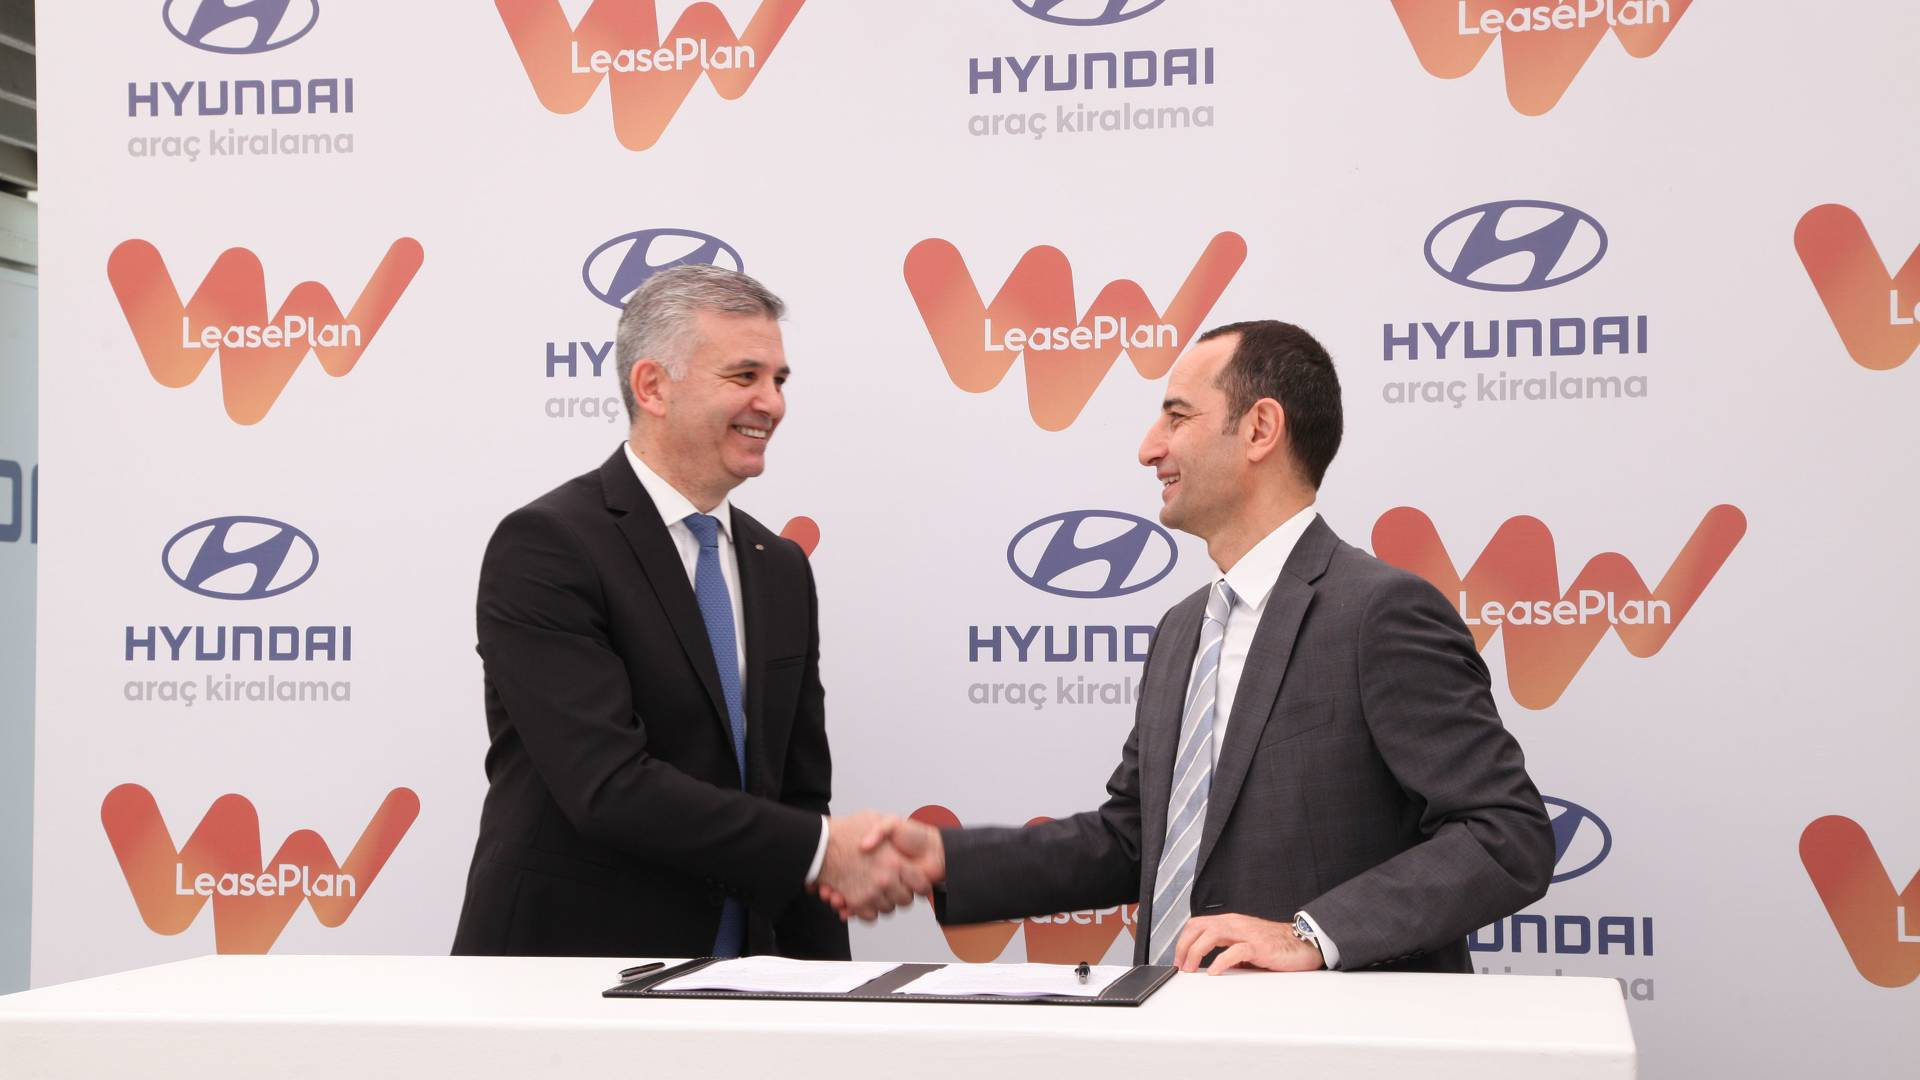 LeasePlan ve Hyundai'den Güçlü İşbirliği